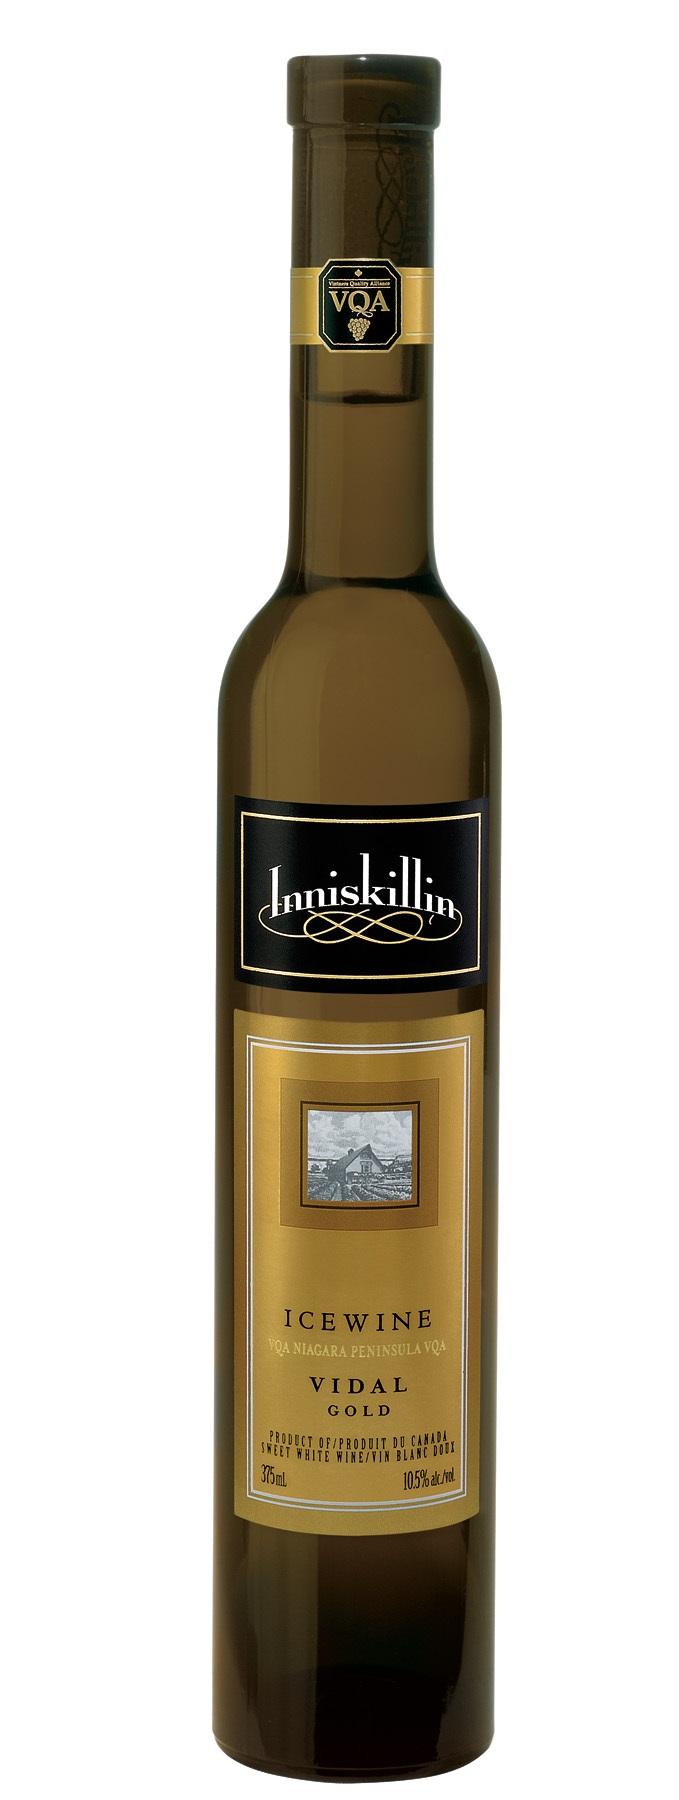 2008 Inniskillin Vidal Ice Wine